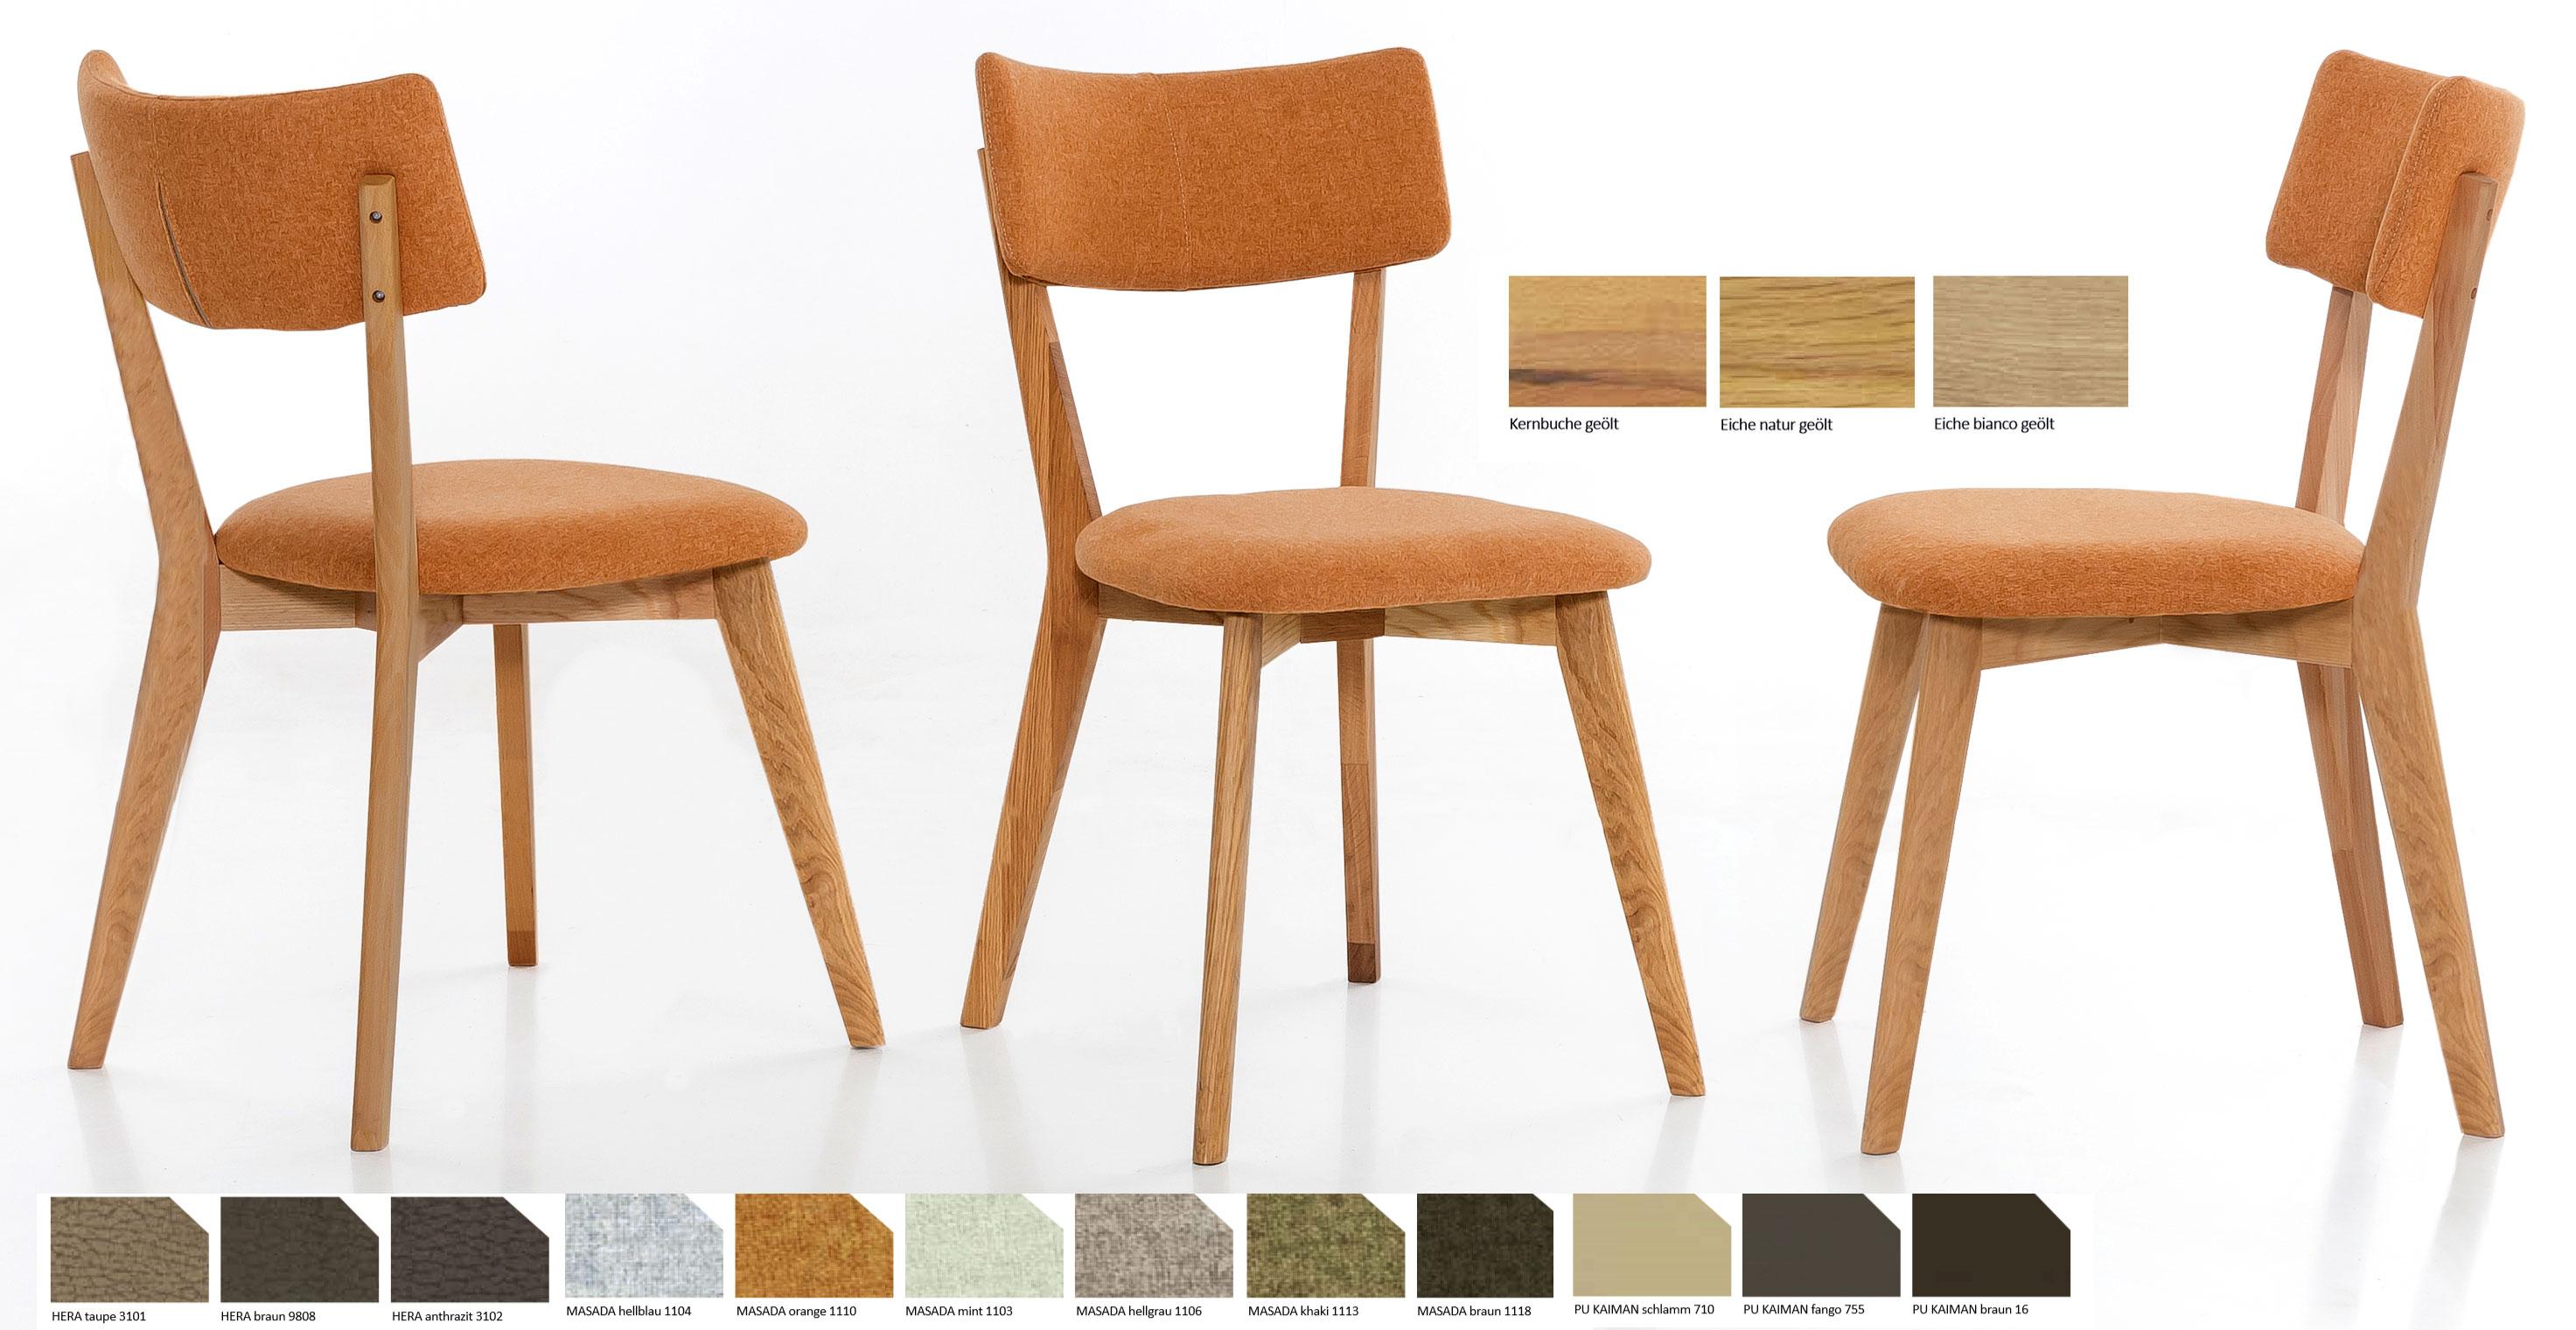 Standard Furniture Nora Polsterstuhl eiche